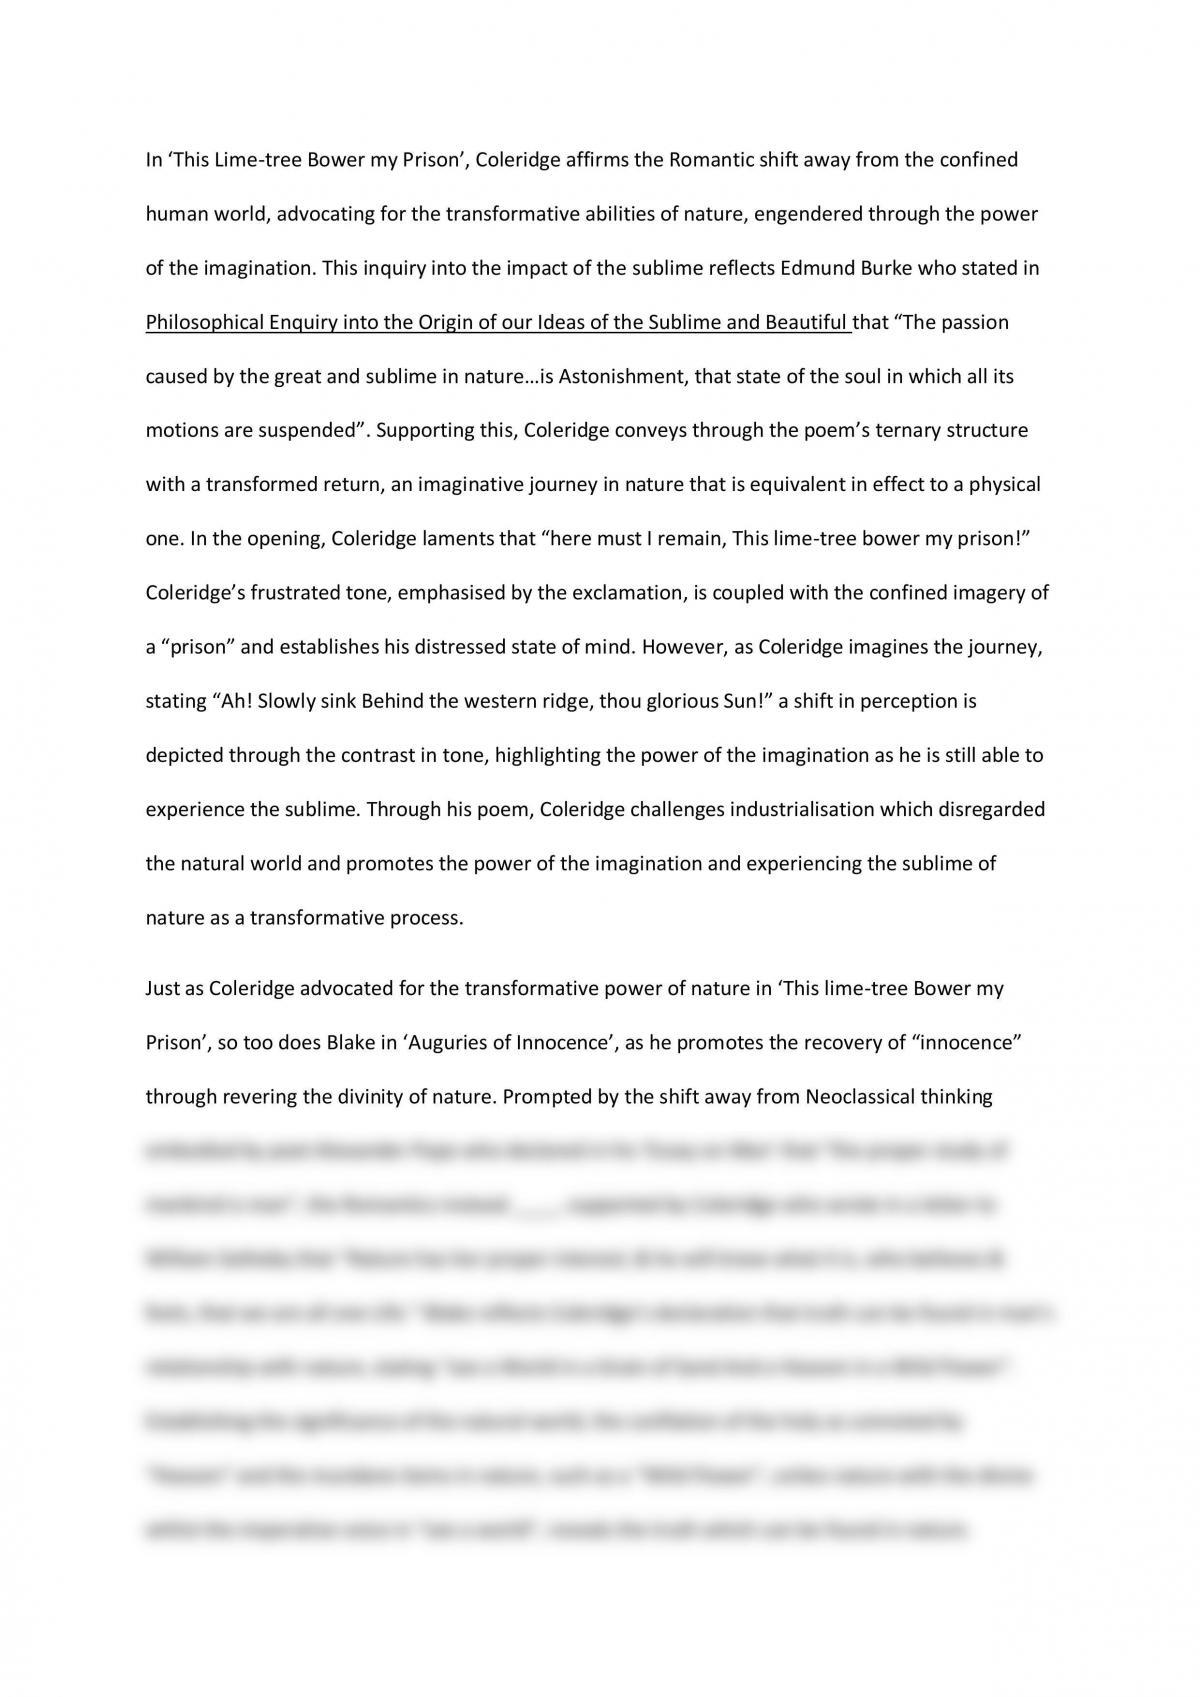 Romanticism Essay - Page 1